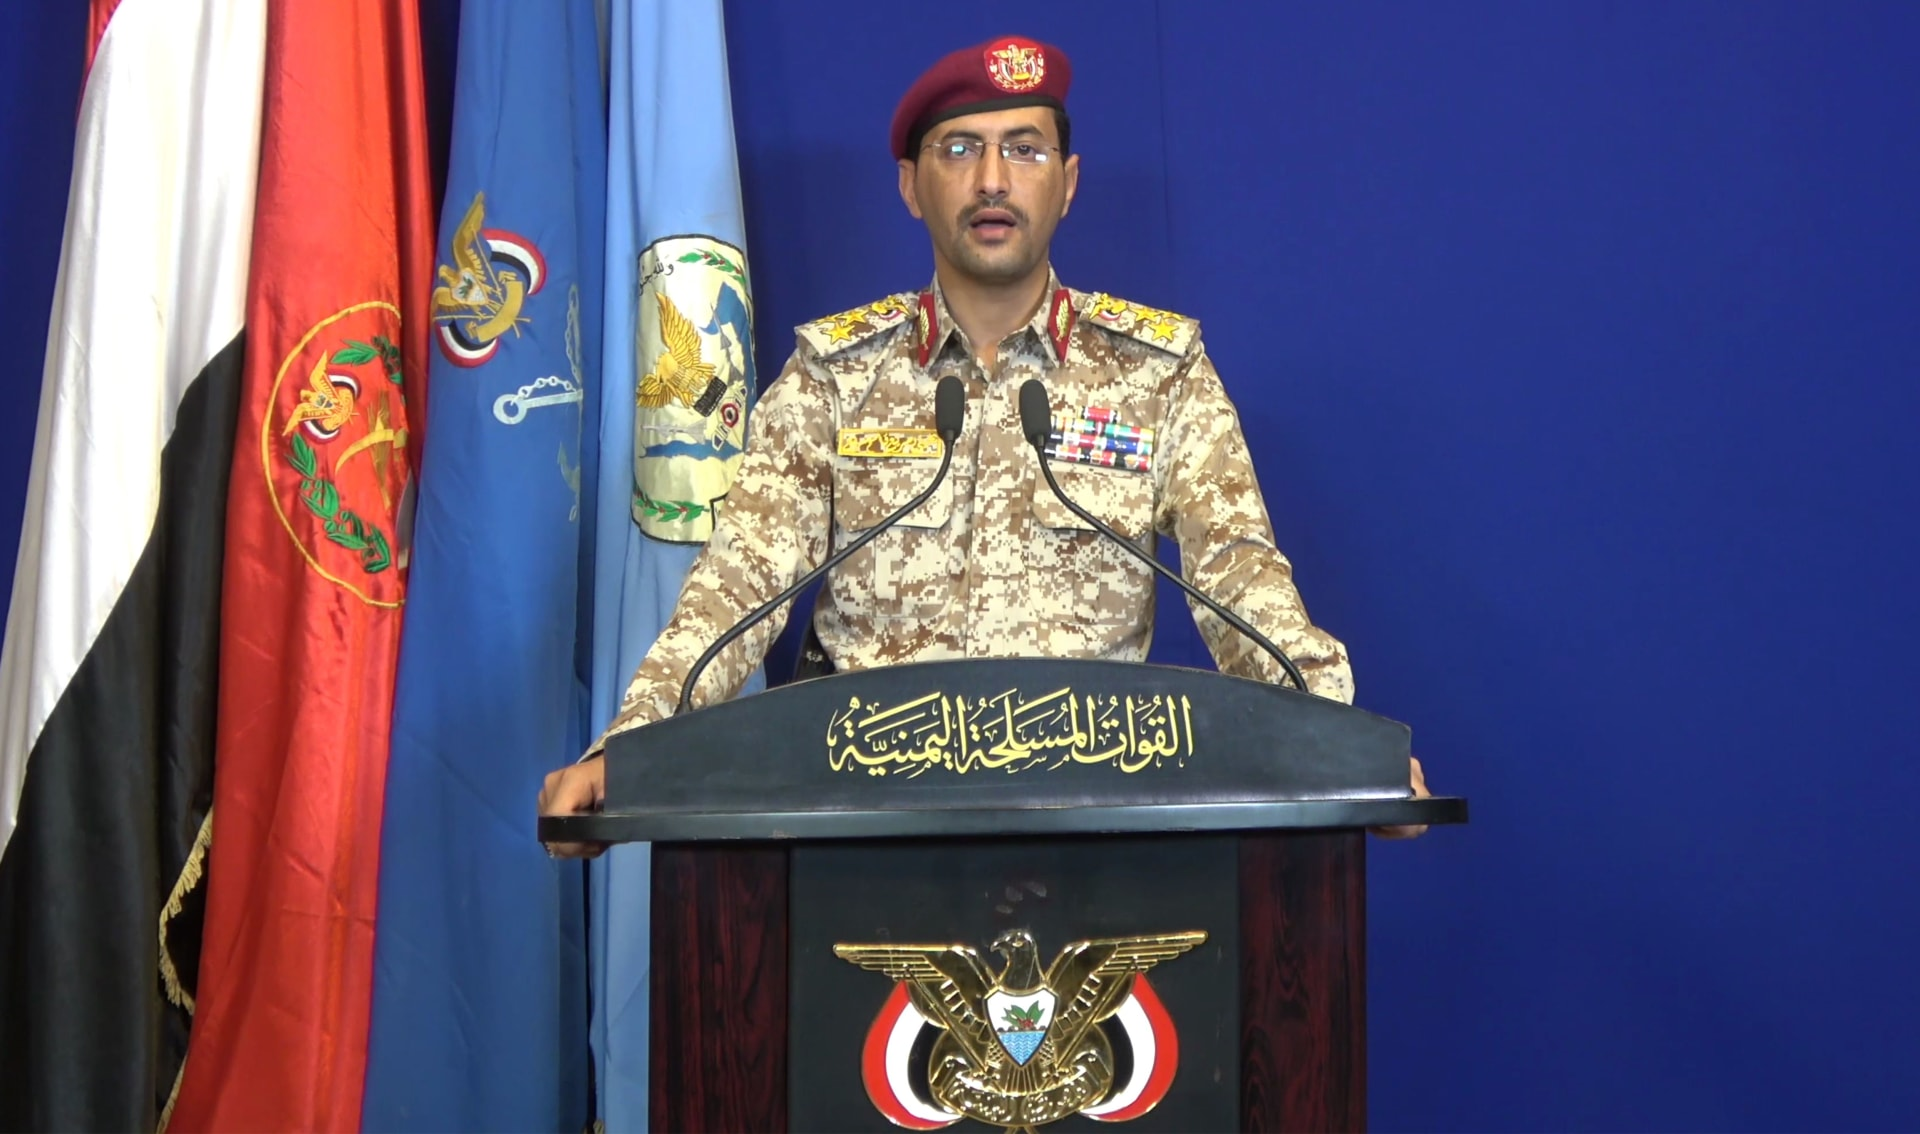 """الحوثيون يكشفون سلاح ضربات أرامكو""""الجديد"""".. ويهددون: مازالت في مرمانا في أي لحظة"""